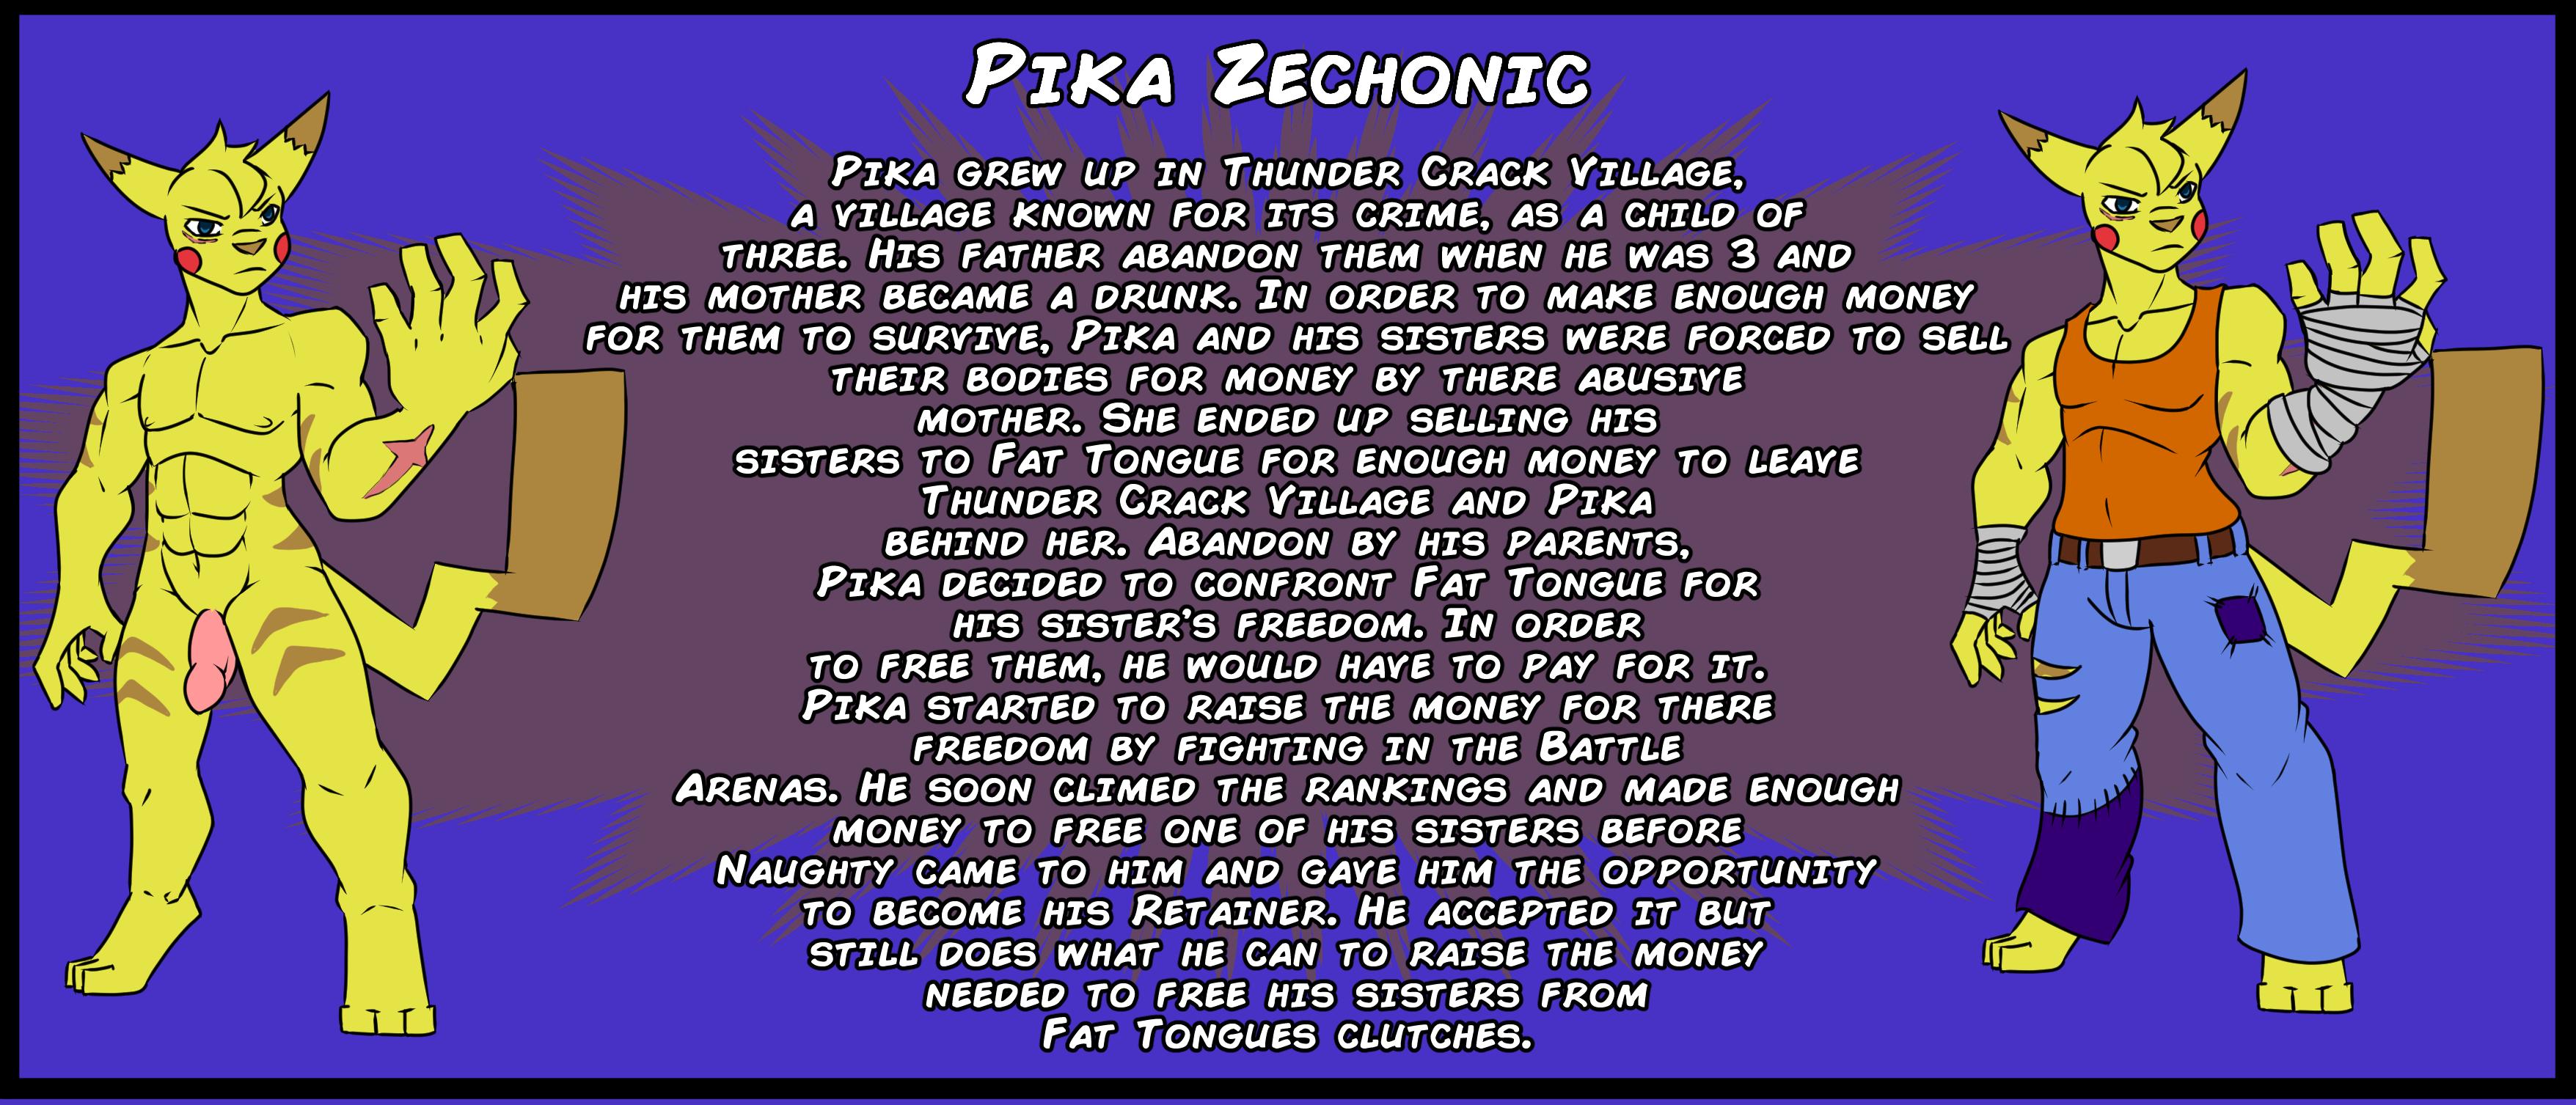 Pika Zechonic Bio